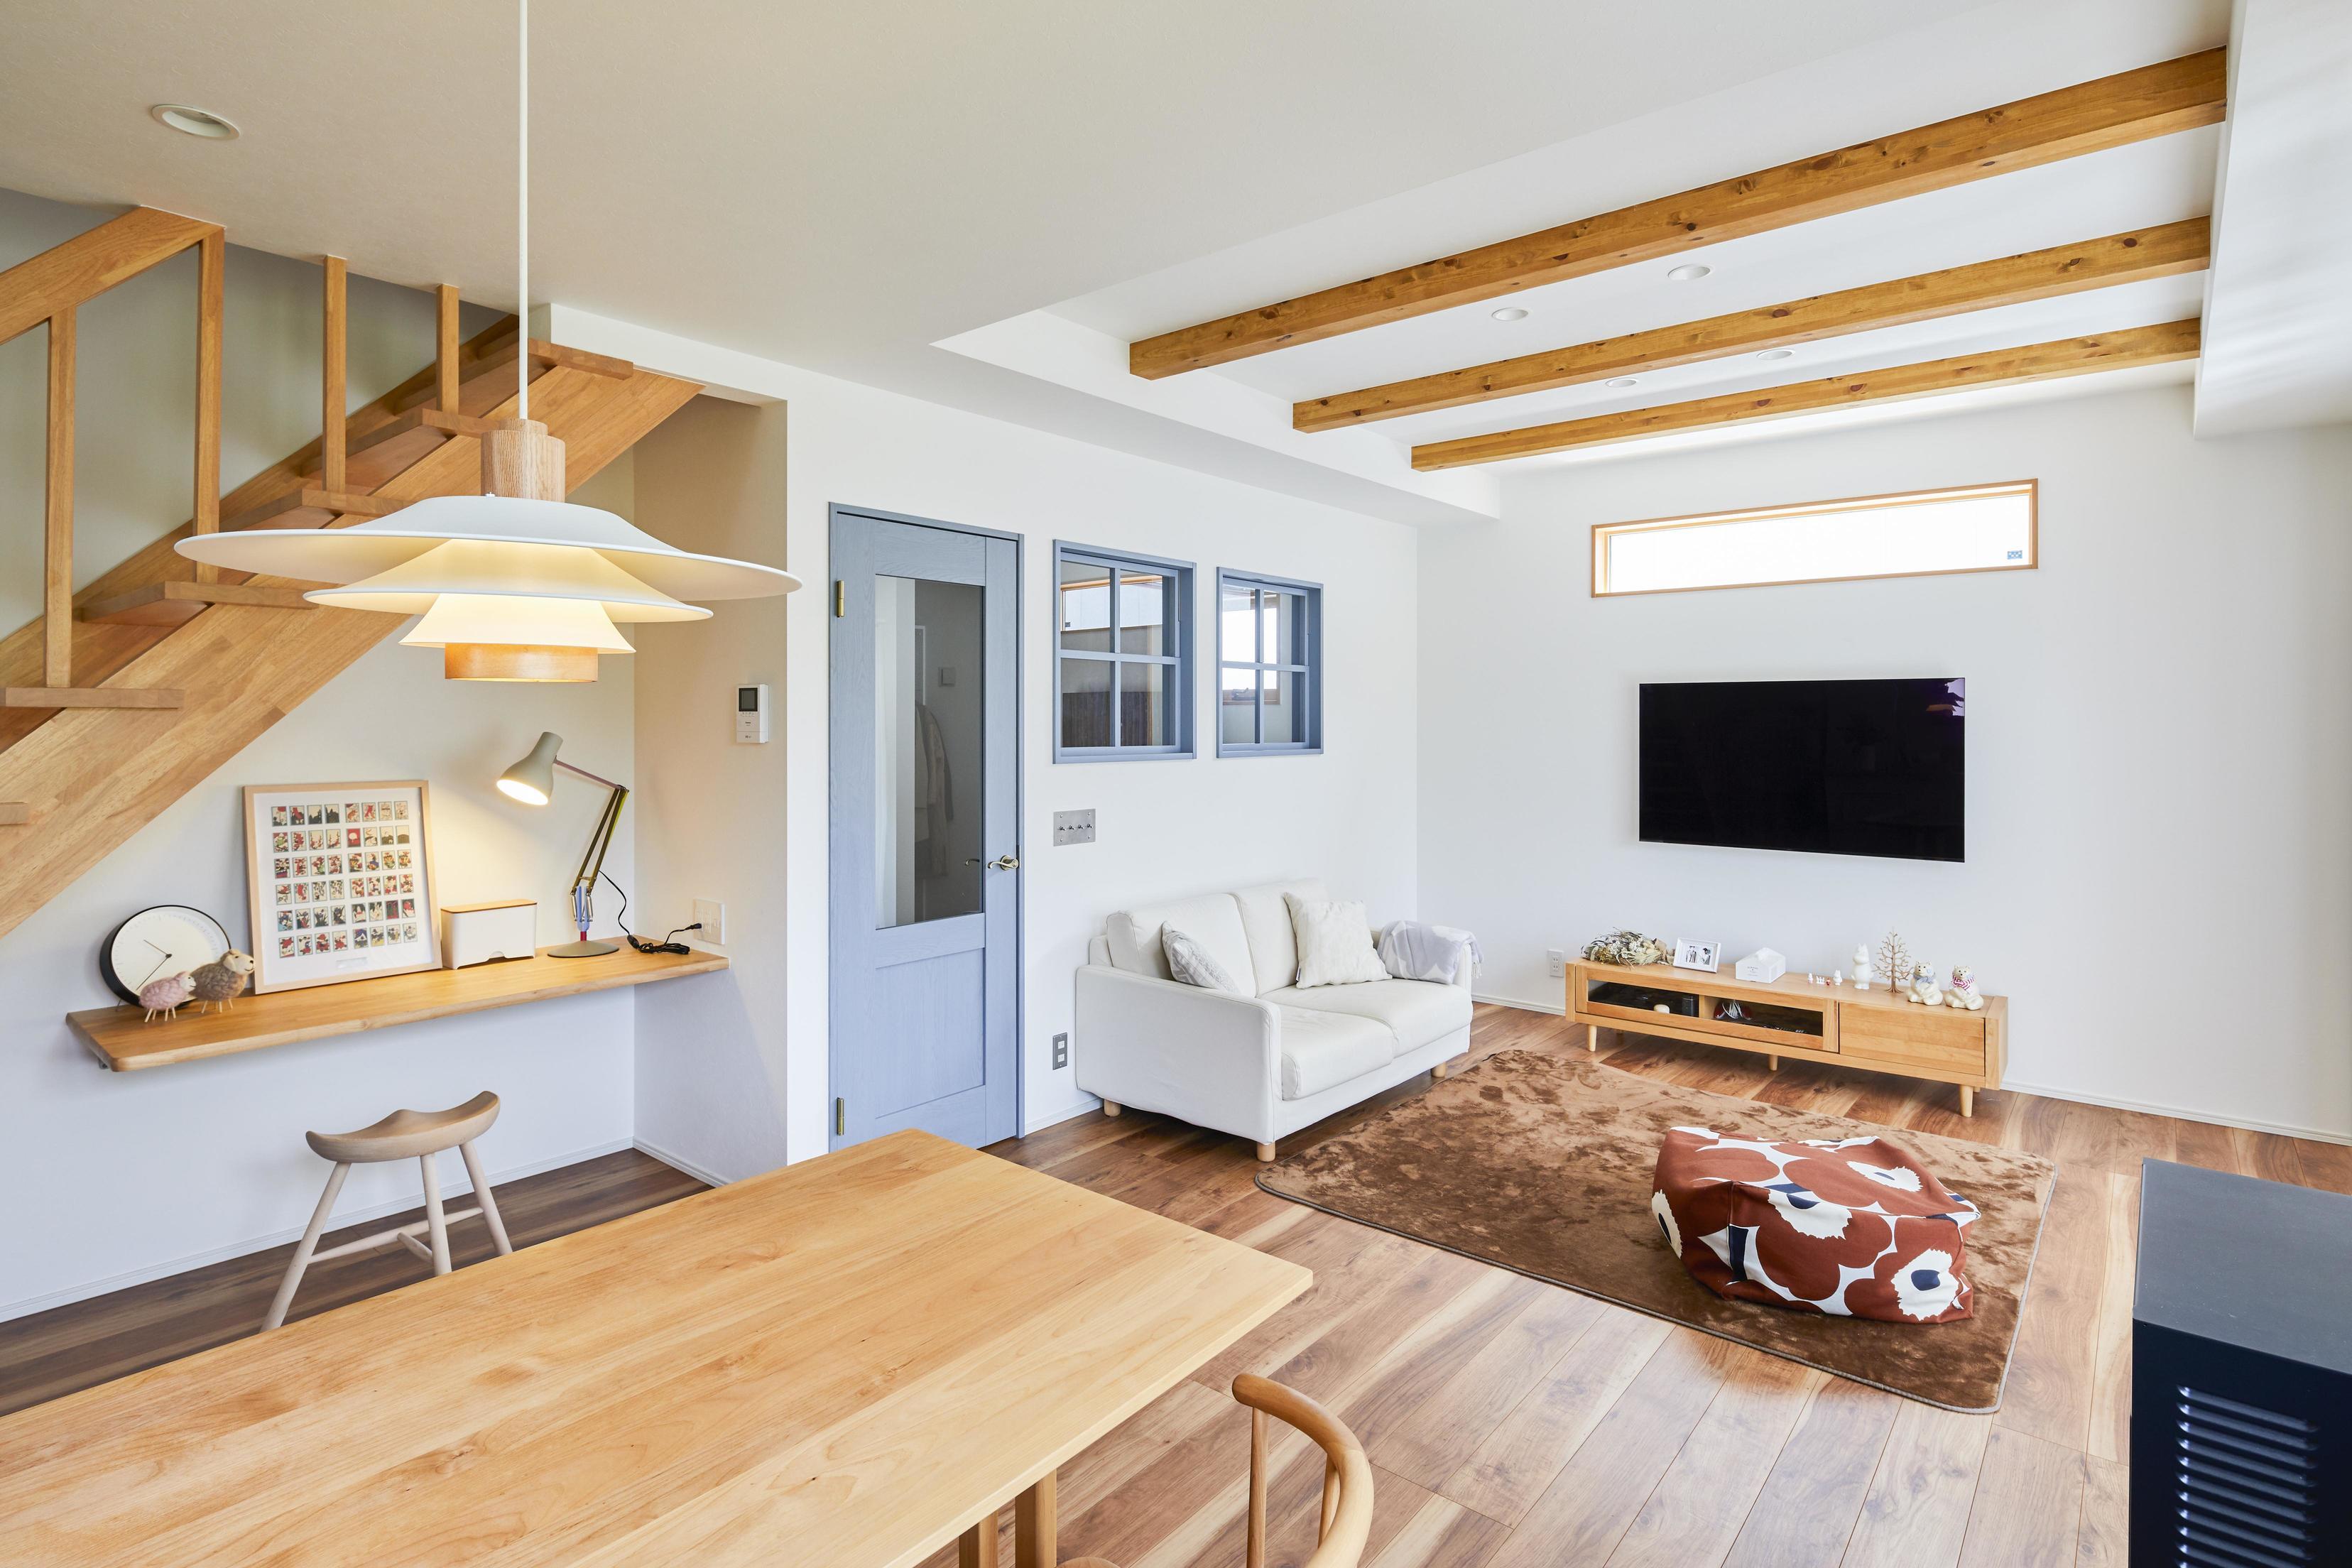 折り上げ天井で見せ梁にし、開放感と木の温もりをプラス